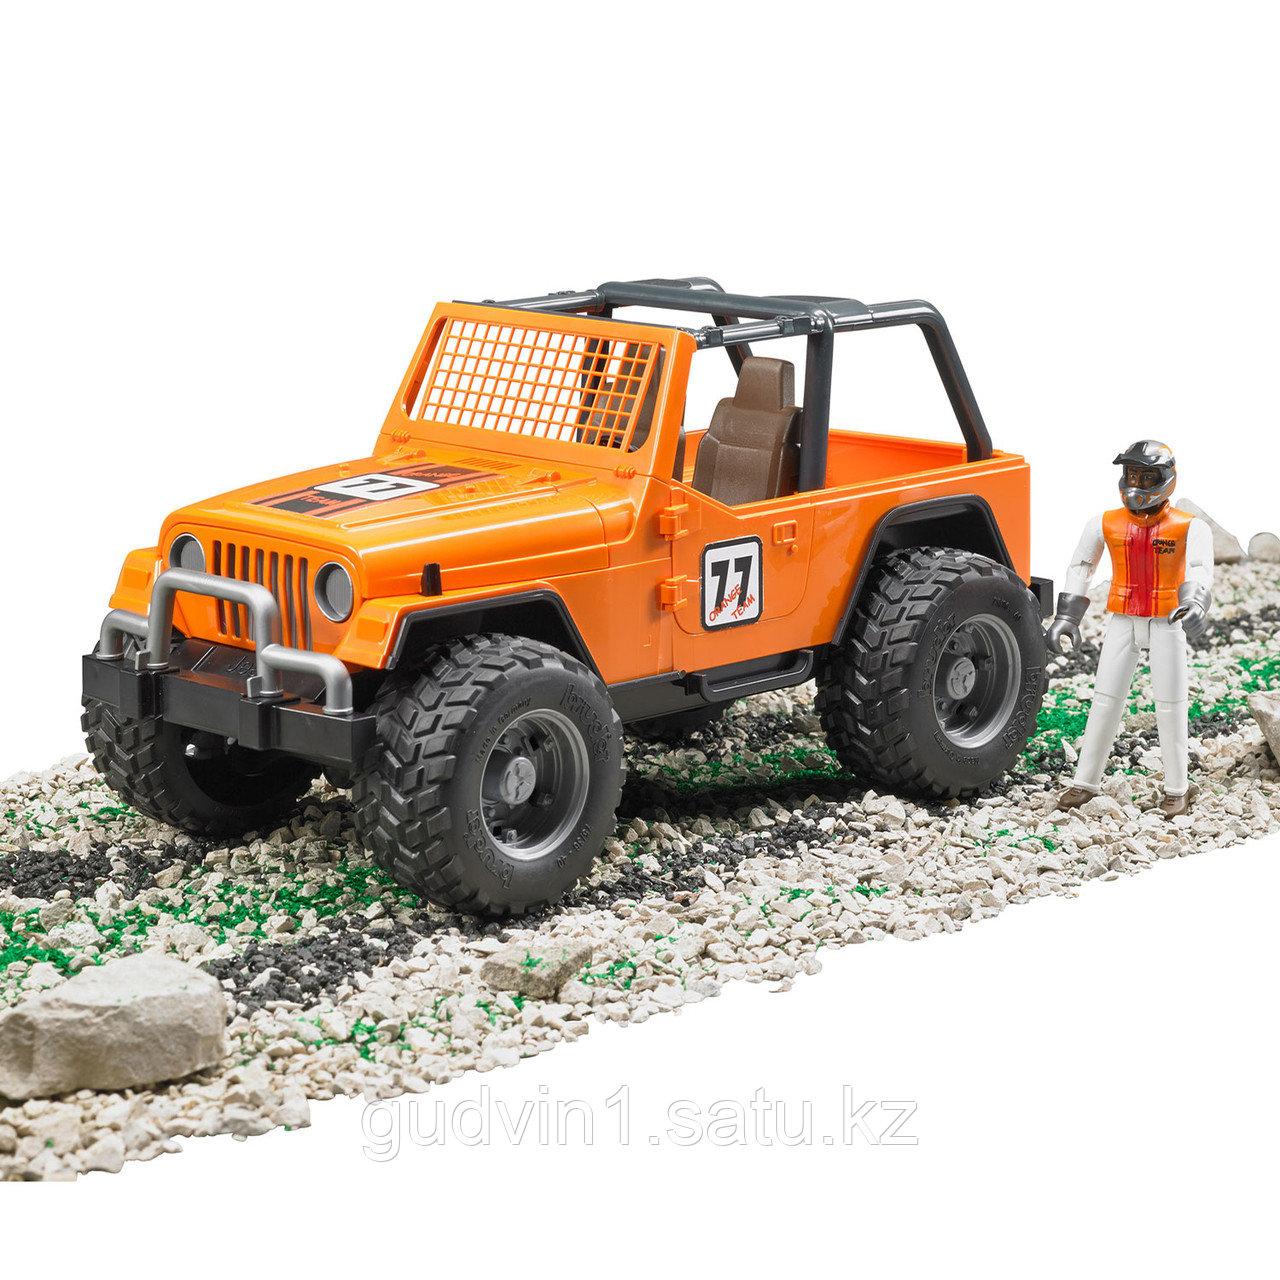 Внедорожник Bruder Cross Country Racer оранжевый с гонщиком 02-542